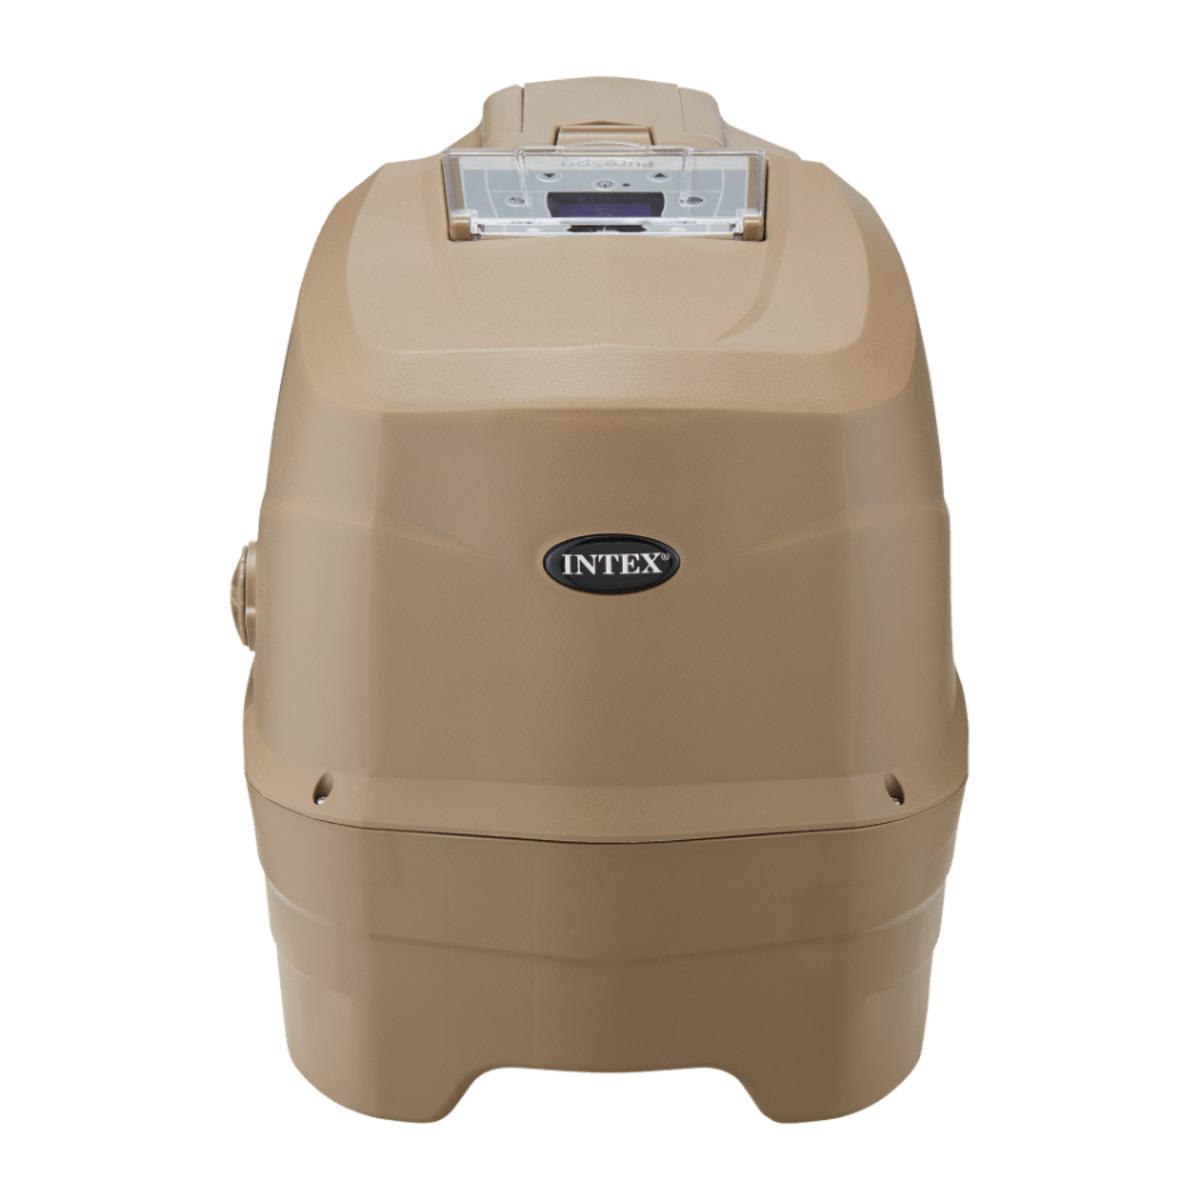 Bild 2 von Intex Pure Spa™ Whirlpool